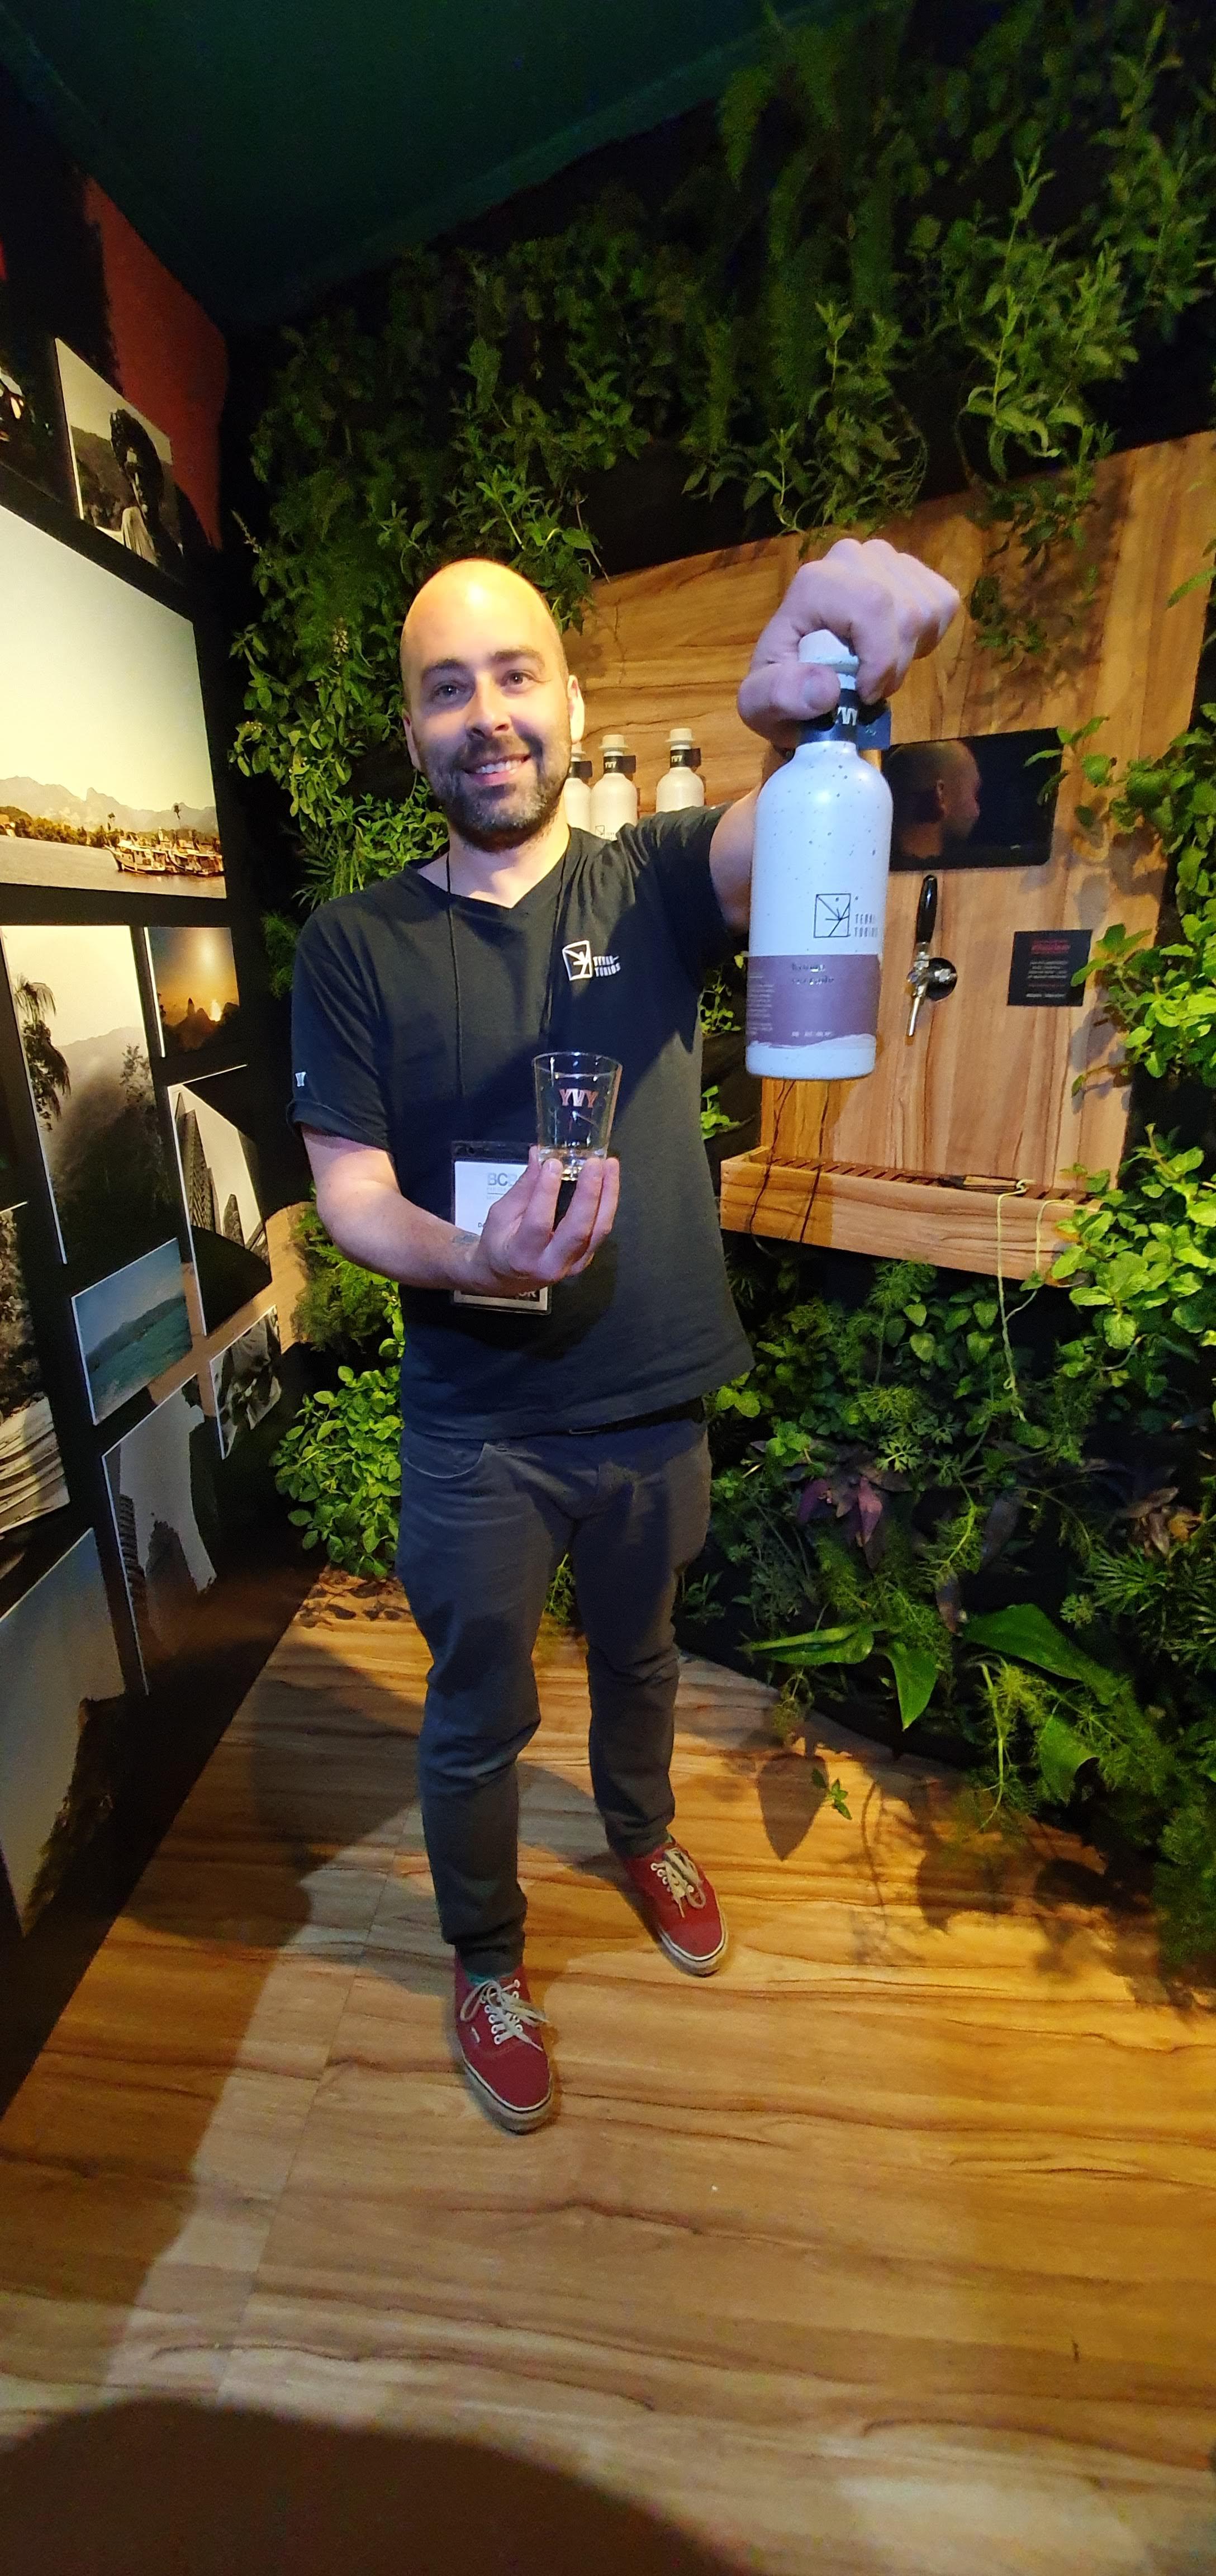 Darren Rook - Bar Convent São Paulo 2019